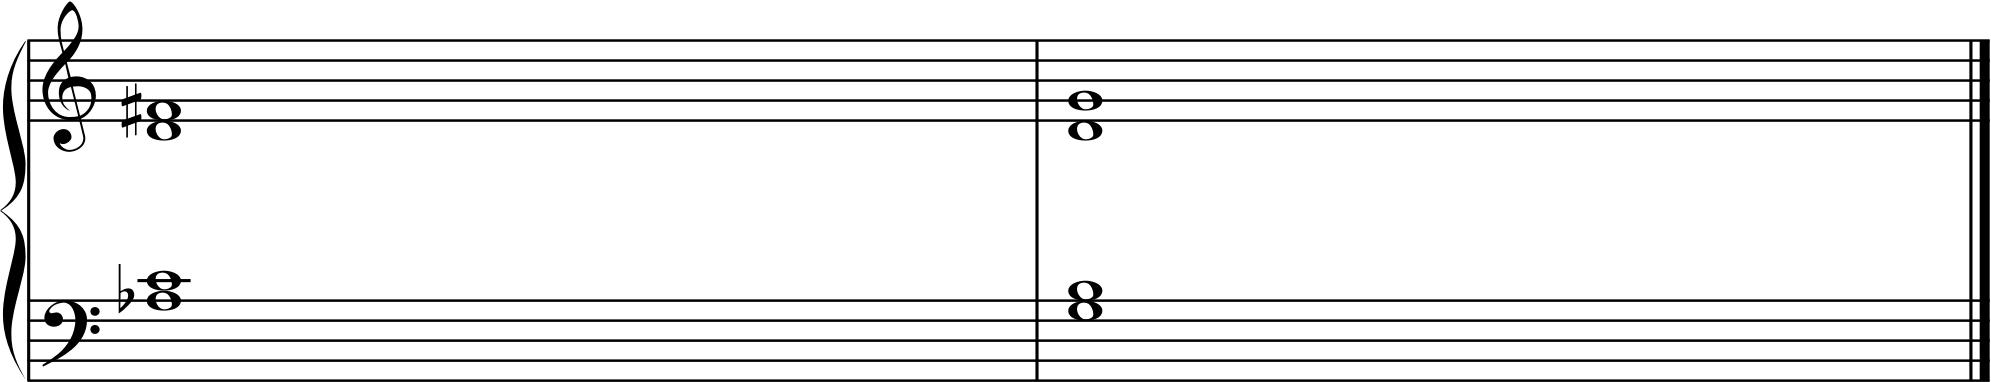 German +6 chords